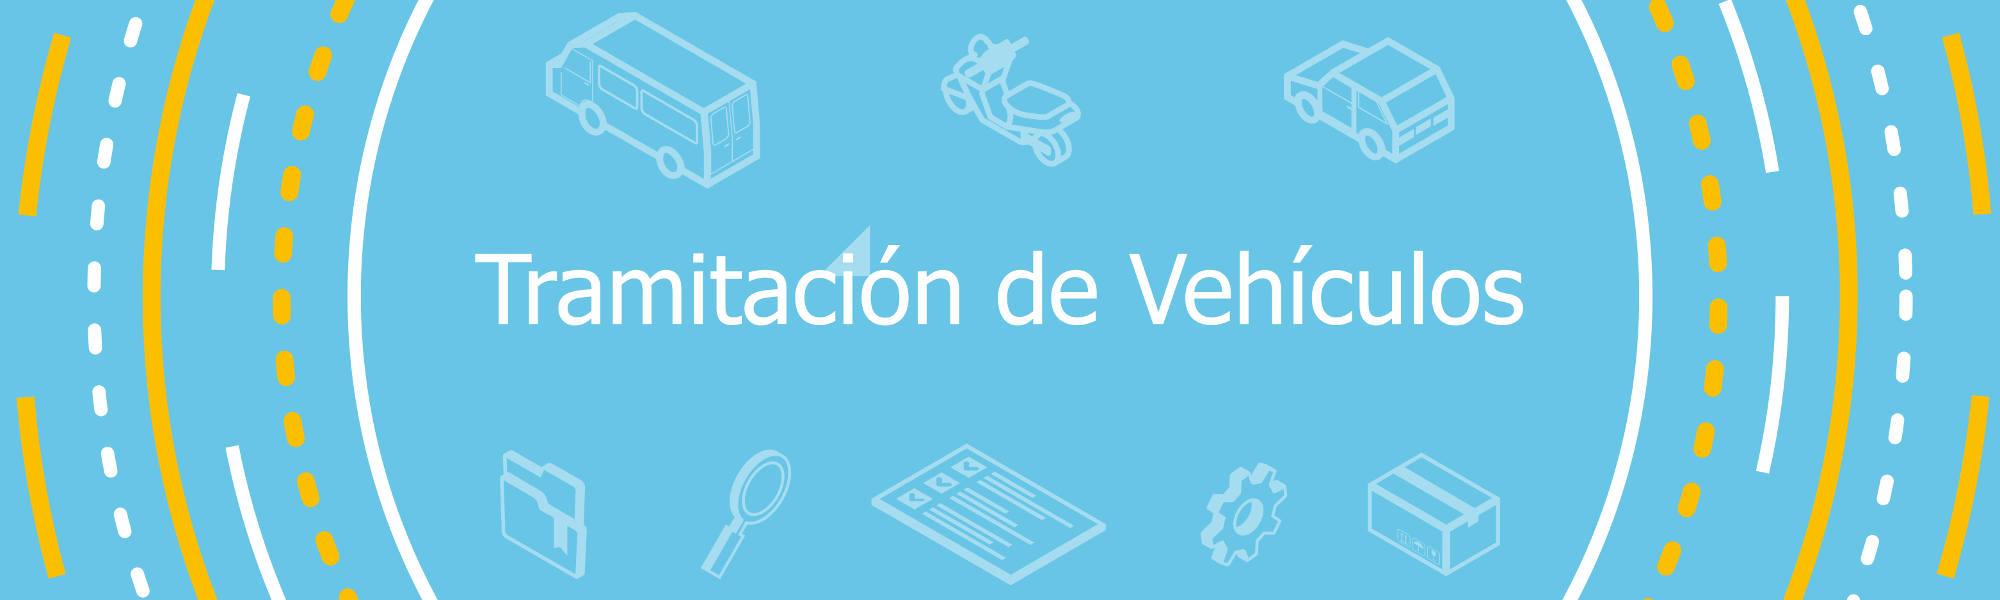 Tramitación de vehículos en Tenerife